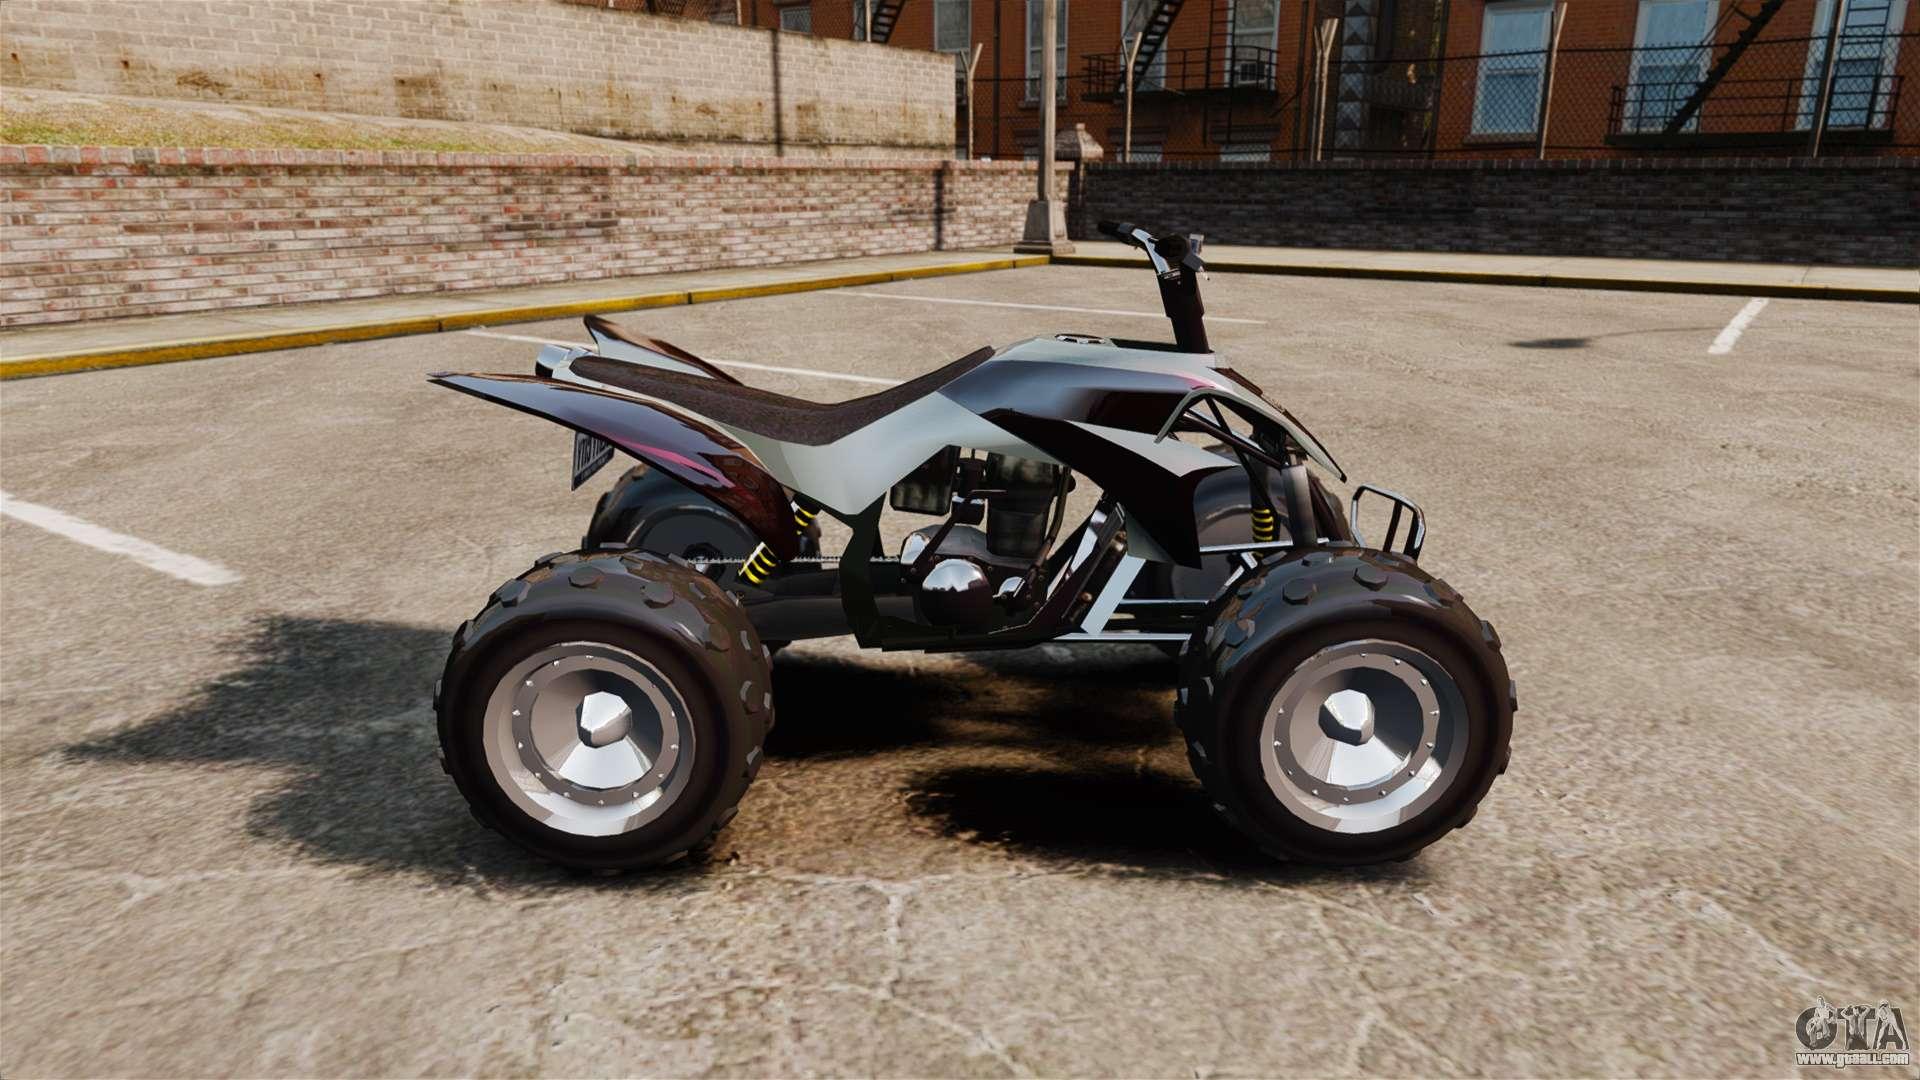 TMS White Motocross Dirt Bike ATV MX BMX 78 Brush Hand